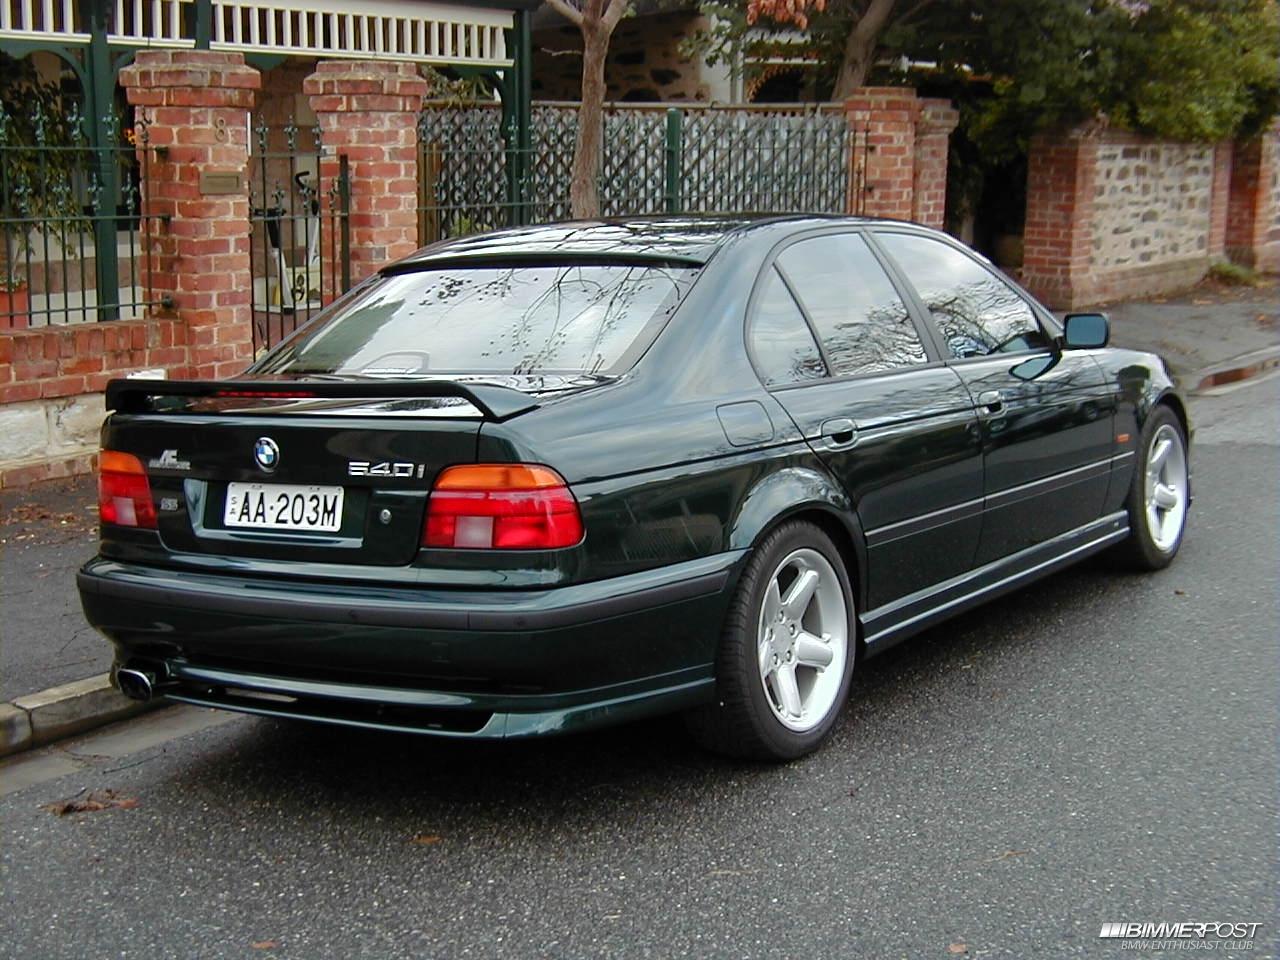 Steveaus U0026 39 S 1998 Bmw E39 540i Schnitzer